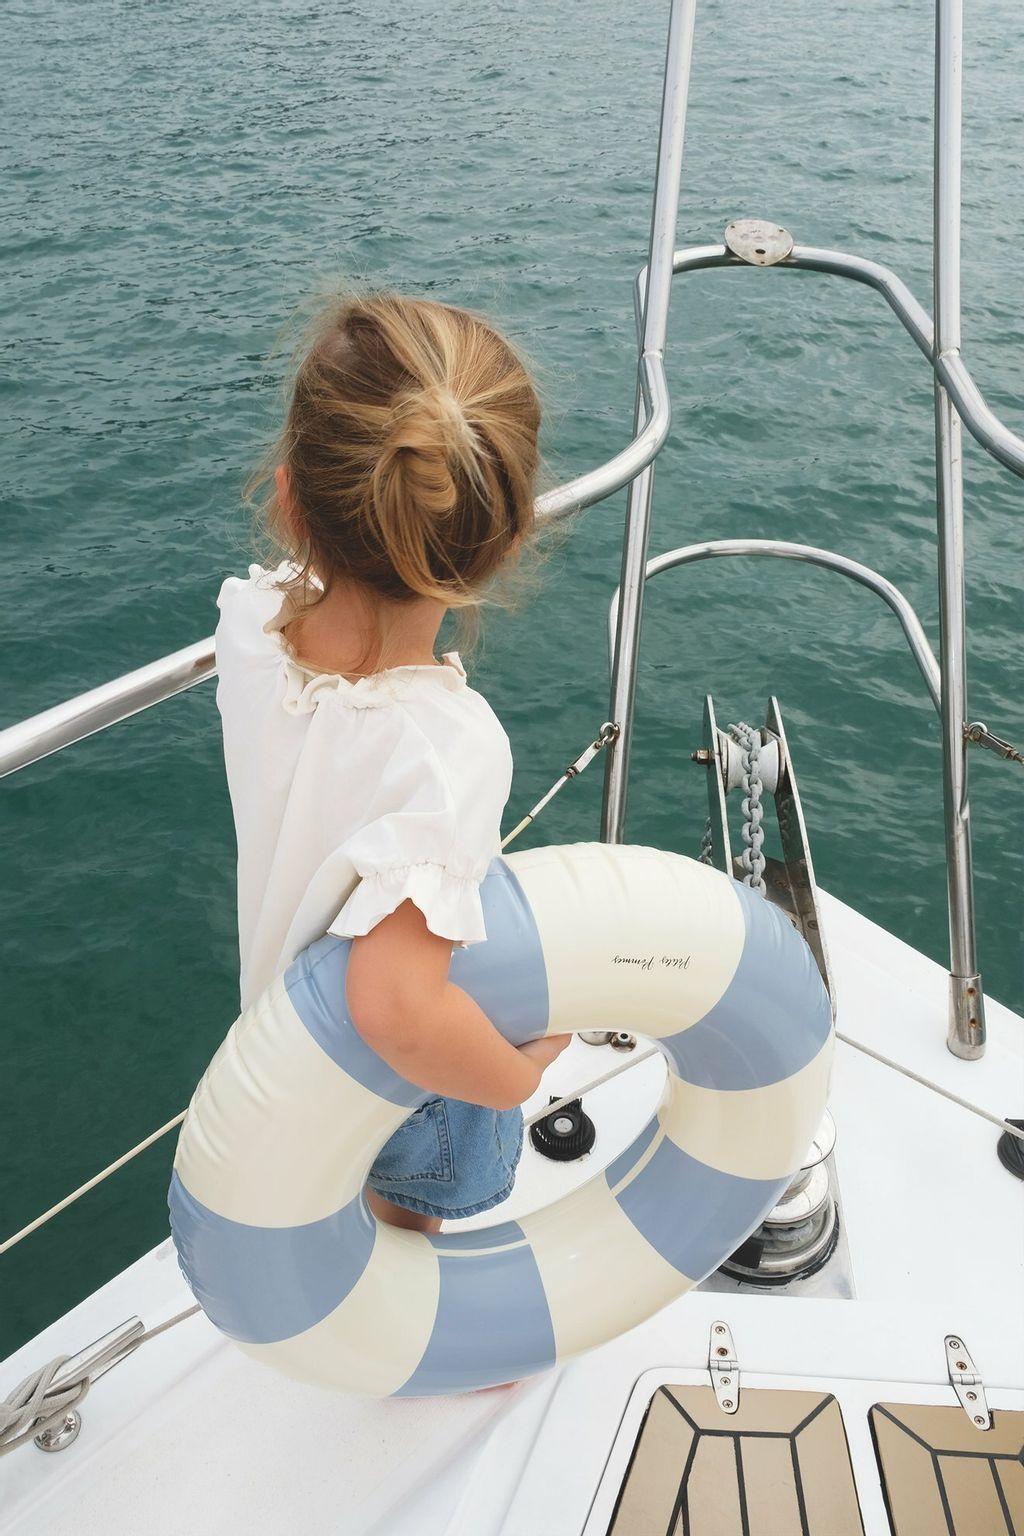 ANNA_boat_web_1024x1024@2x.jpg